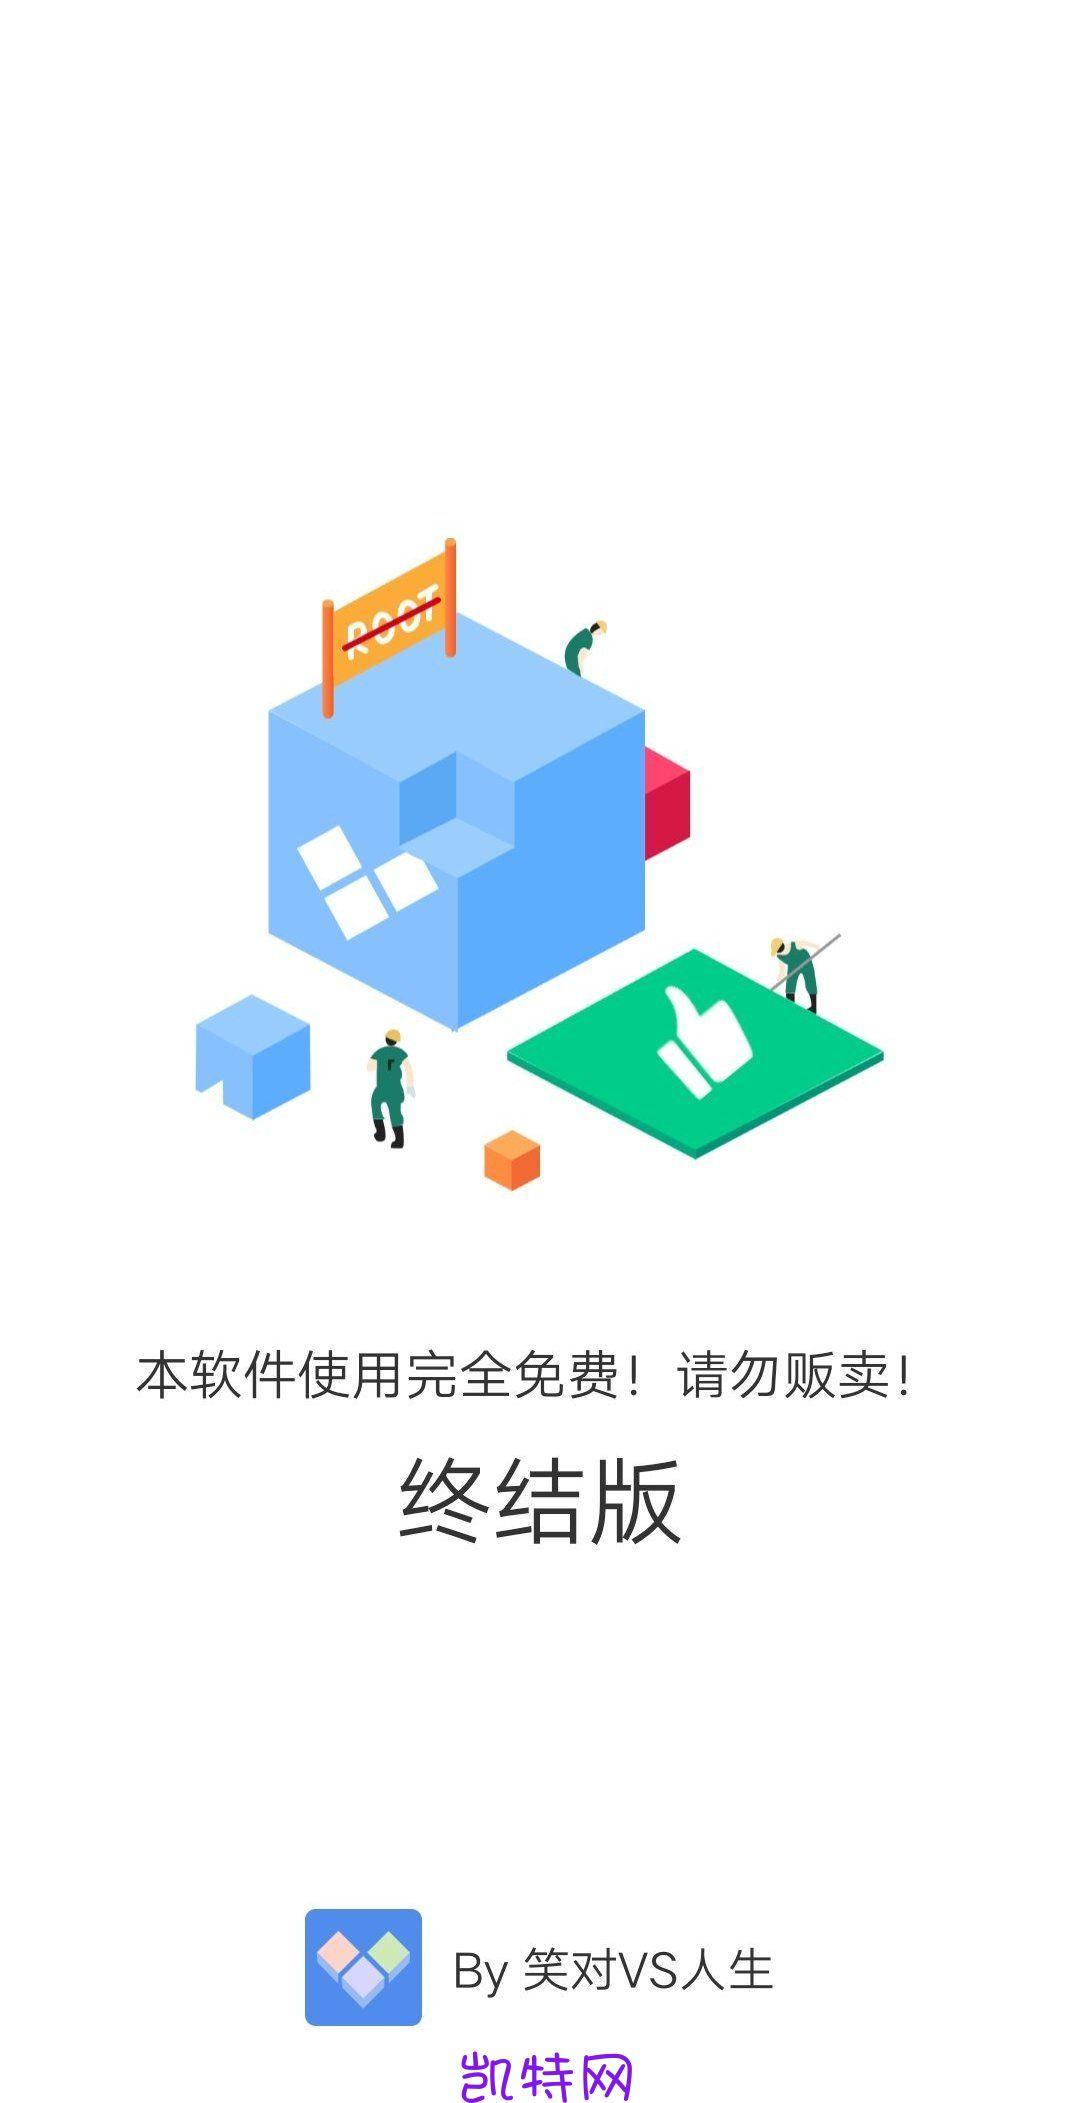 【分享】多开分身 终结版本 王者荣耀修改虚拟定位